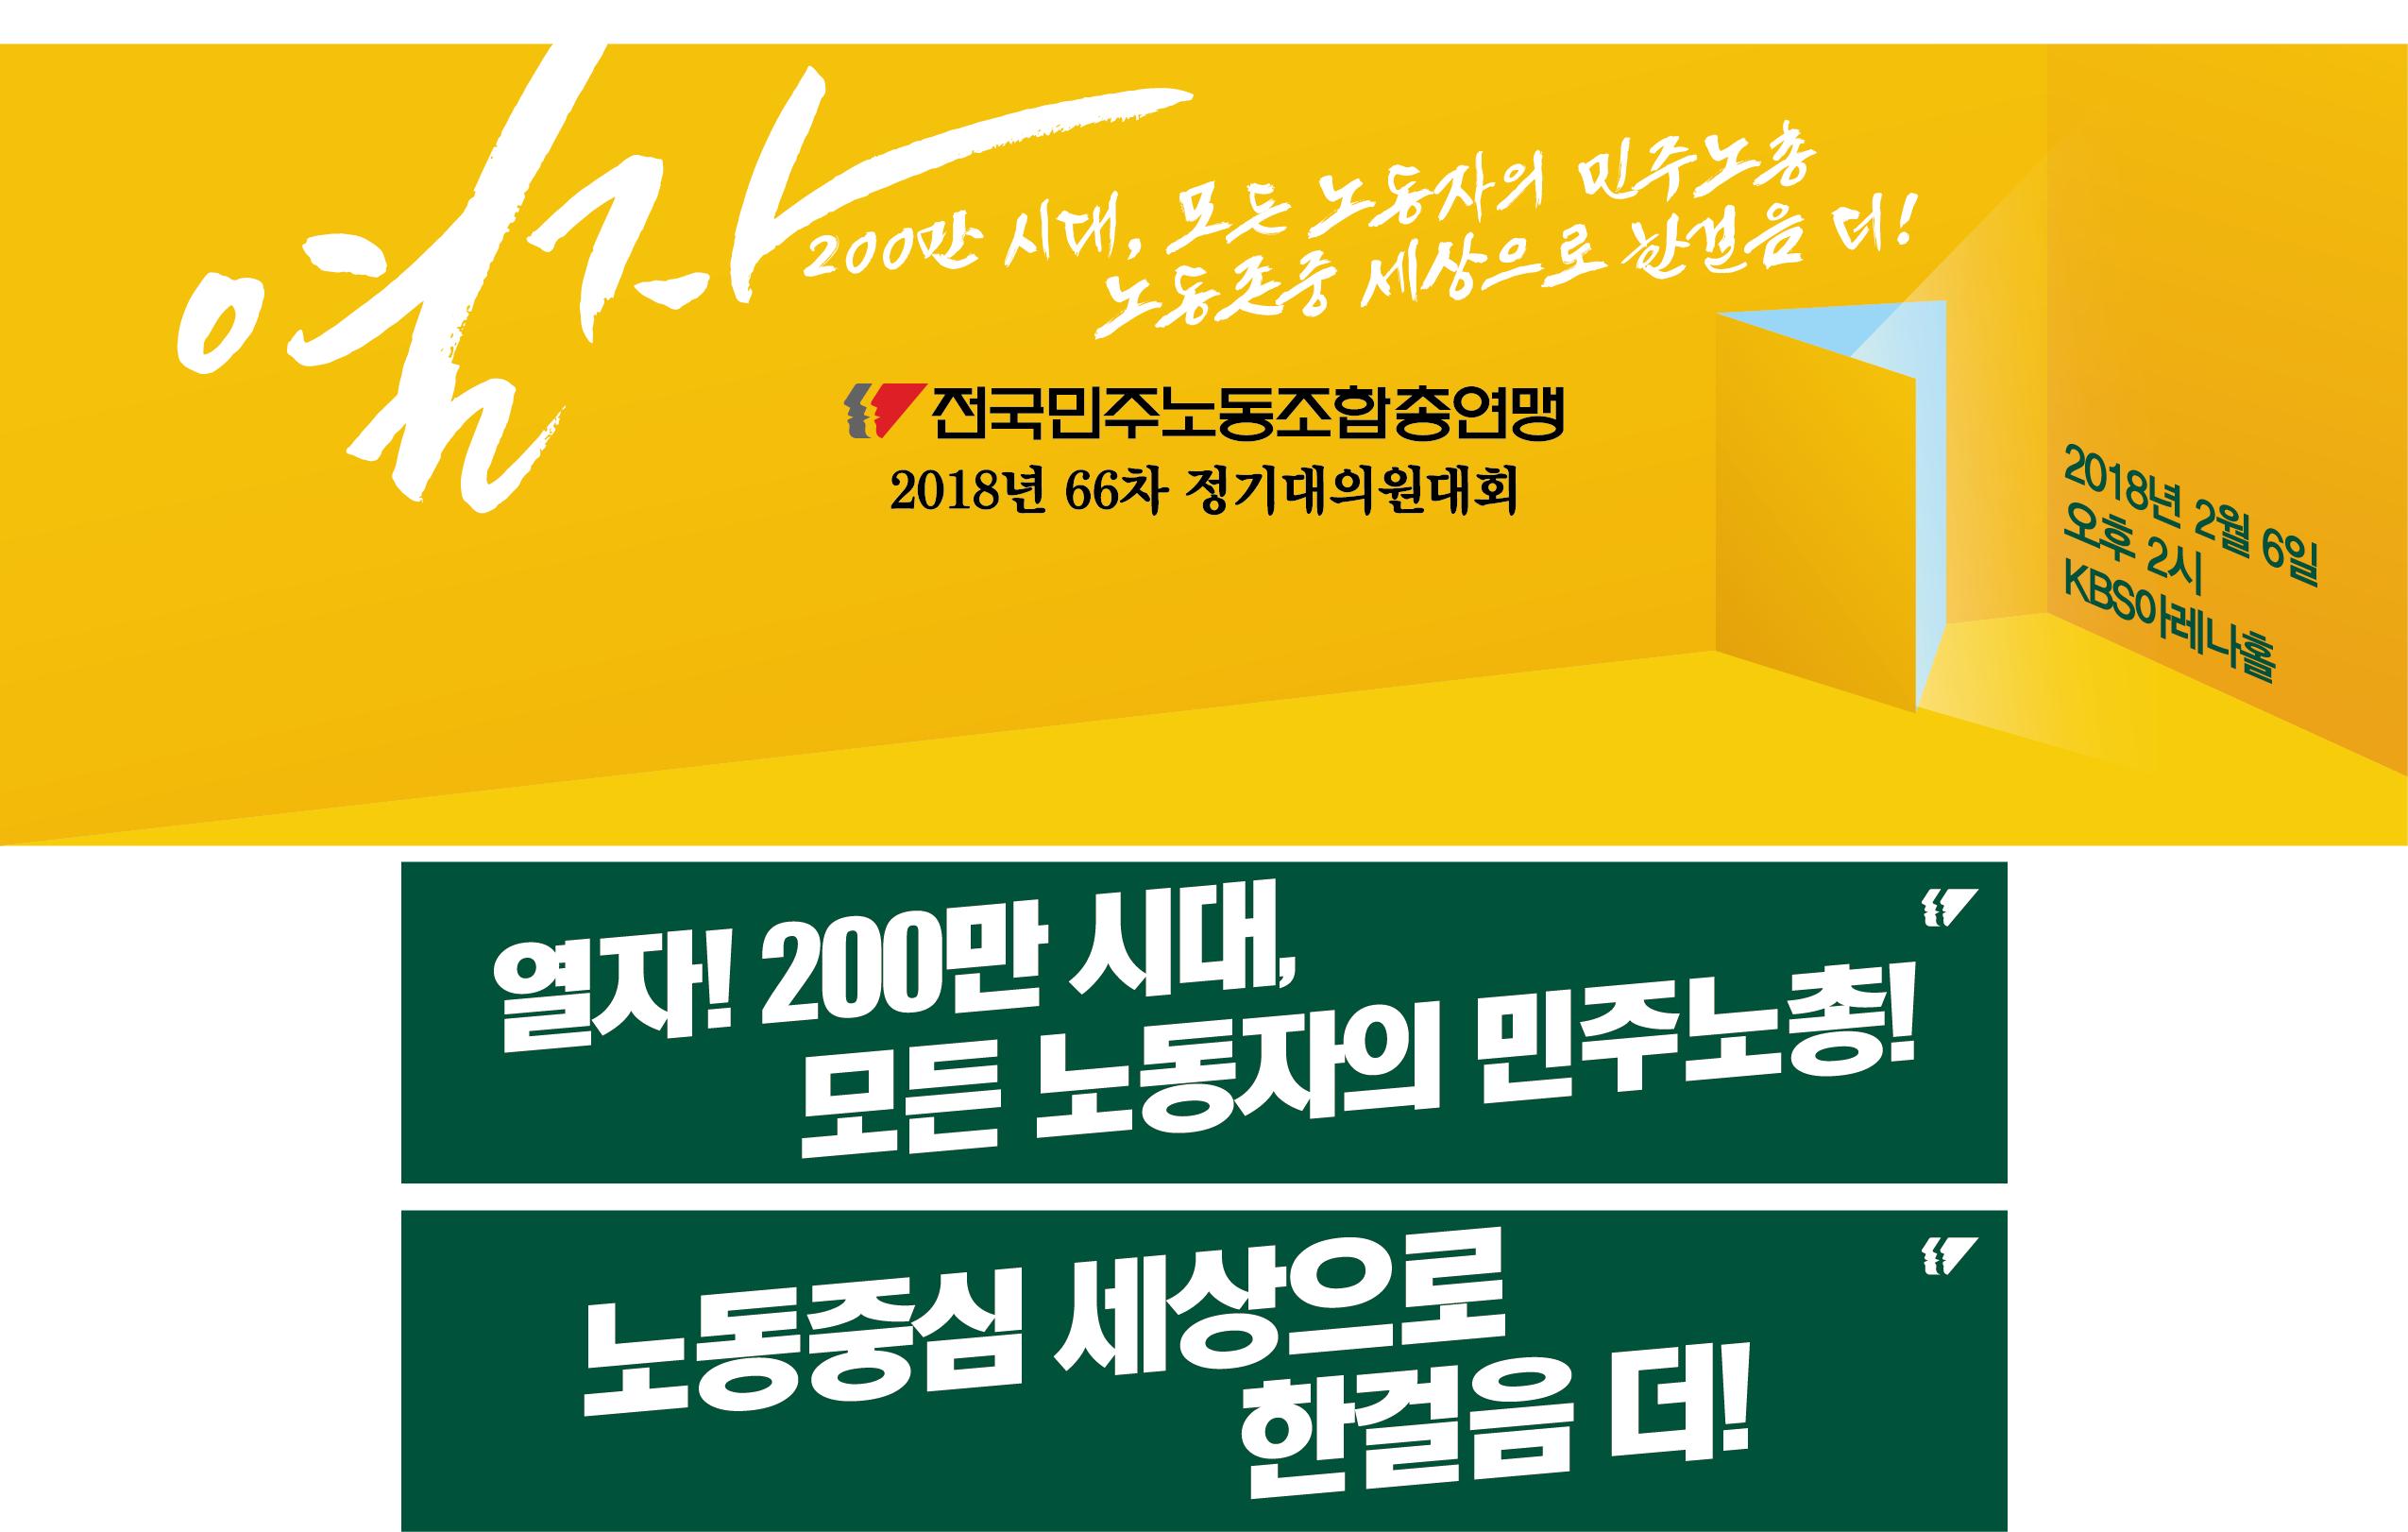 열자200만시대.png